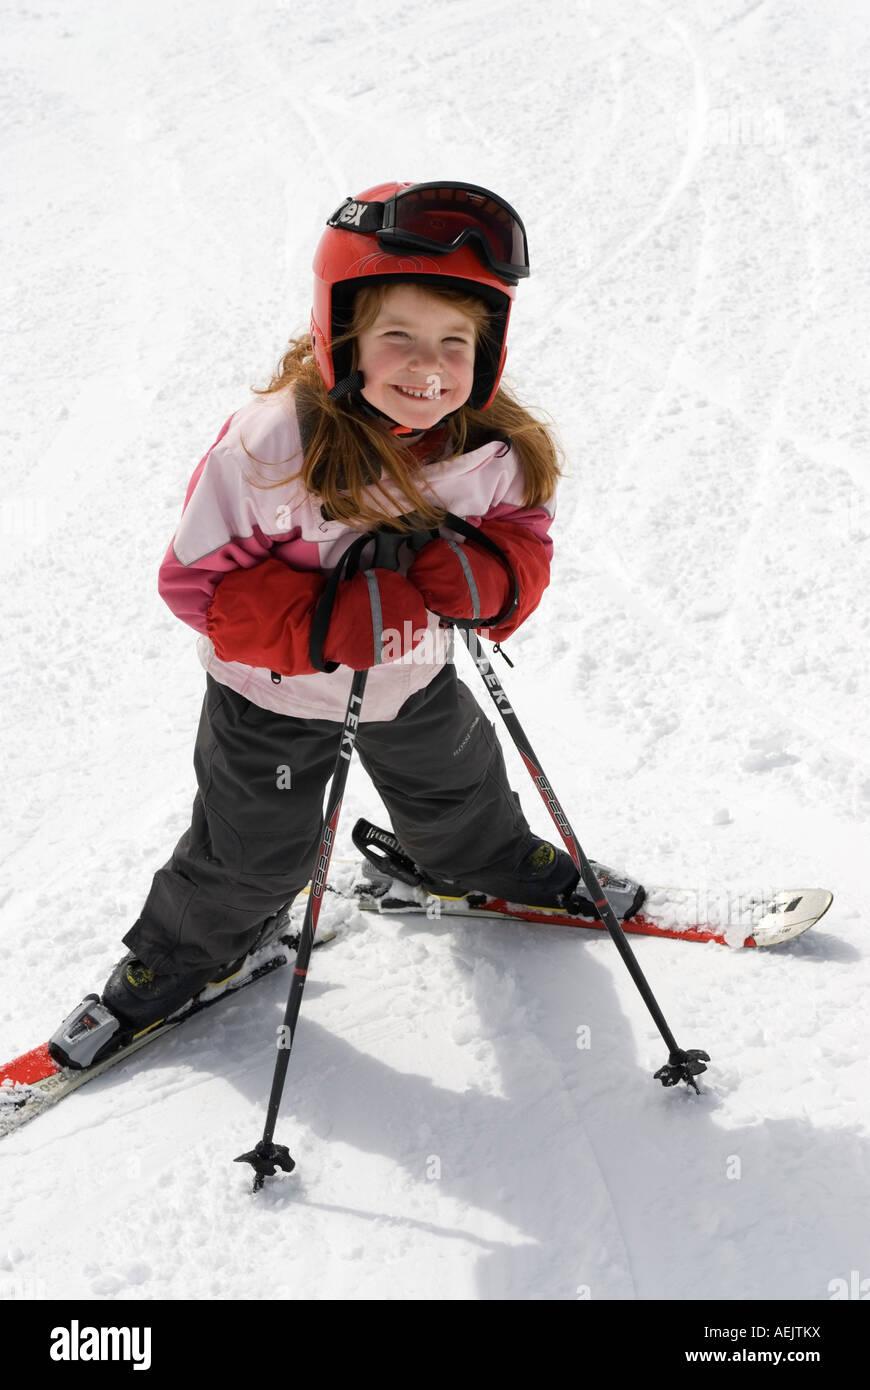 Girl is skiing with helmet skies - Stock Image